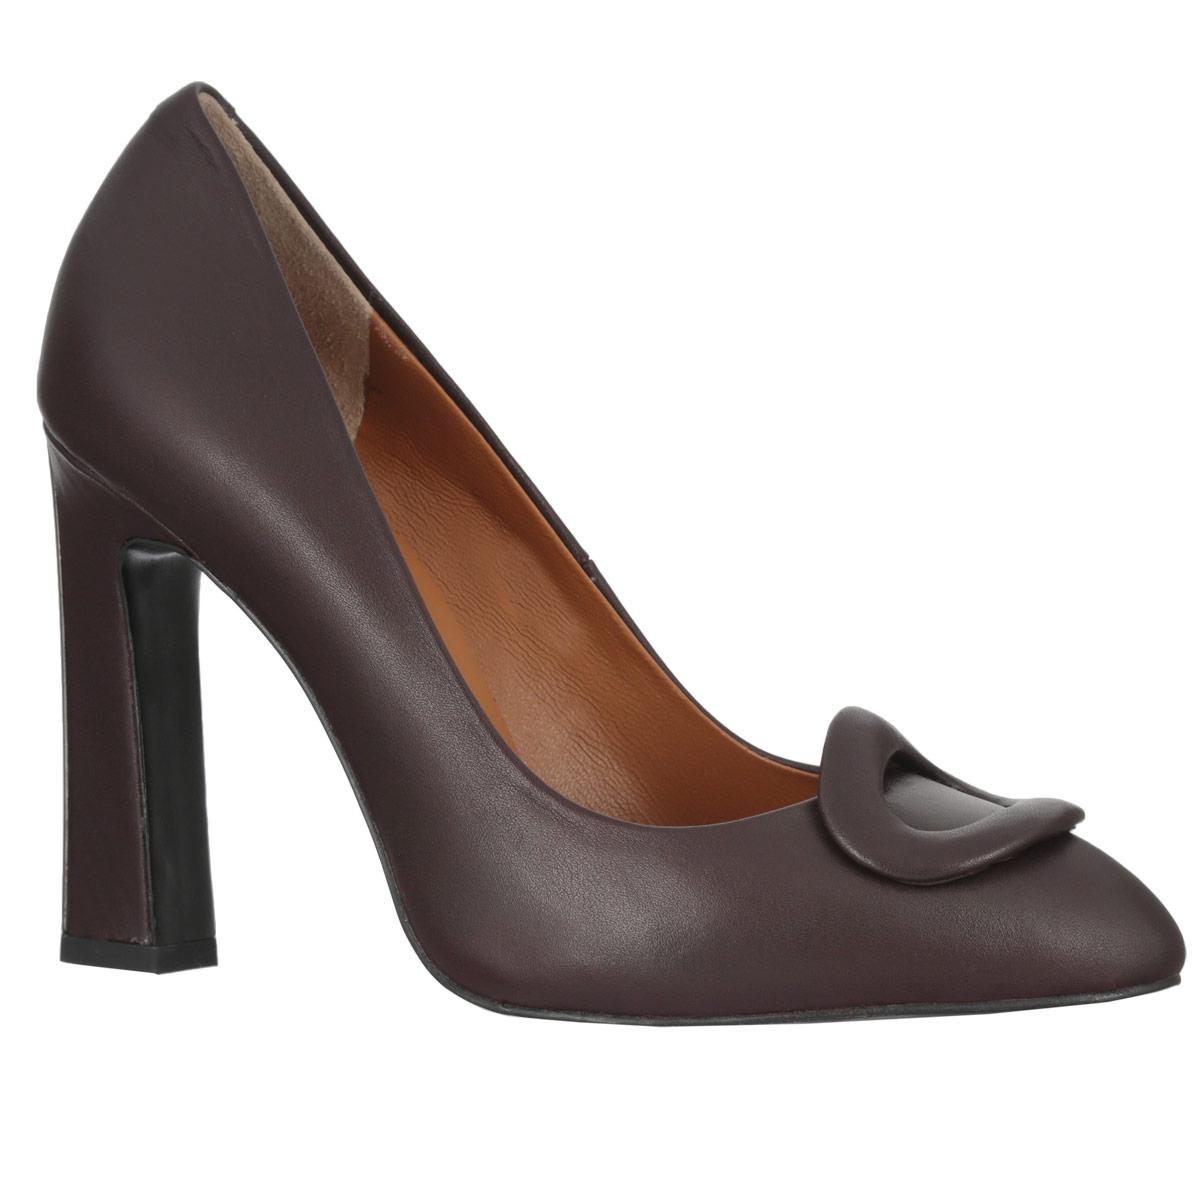 Туфли женские. 470647064Ультрамодные женские туфли Vitacci покорят вас с первого взгляда. Модель изготовлена из высококачественной натуральной кожи. Мыс туфель оформлен оригинальным декоративным элементом овальной формы, стилизованным под пряжку. Стелька из натуральной кожи позволит ногам дышать. Подошва дополнена противоскользящим рифлением. Устойчивый каблук оформлен металлической вставкой. Модные туфли займут достойное место среди вашей коллекции обуви.